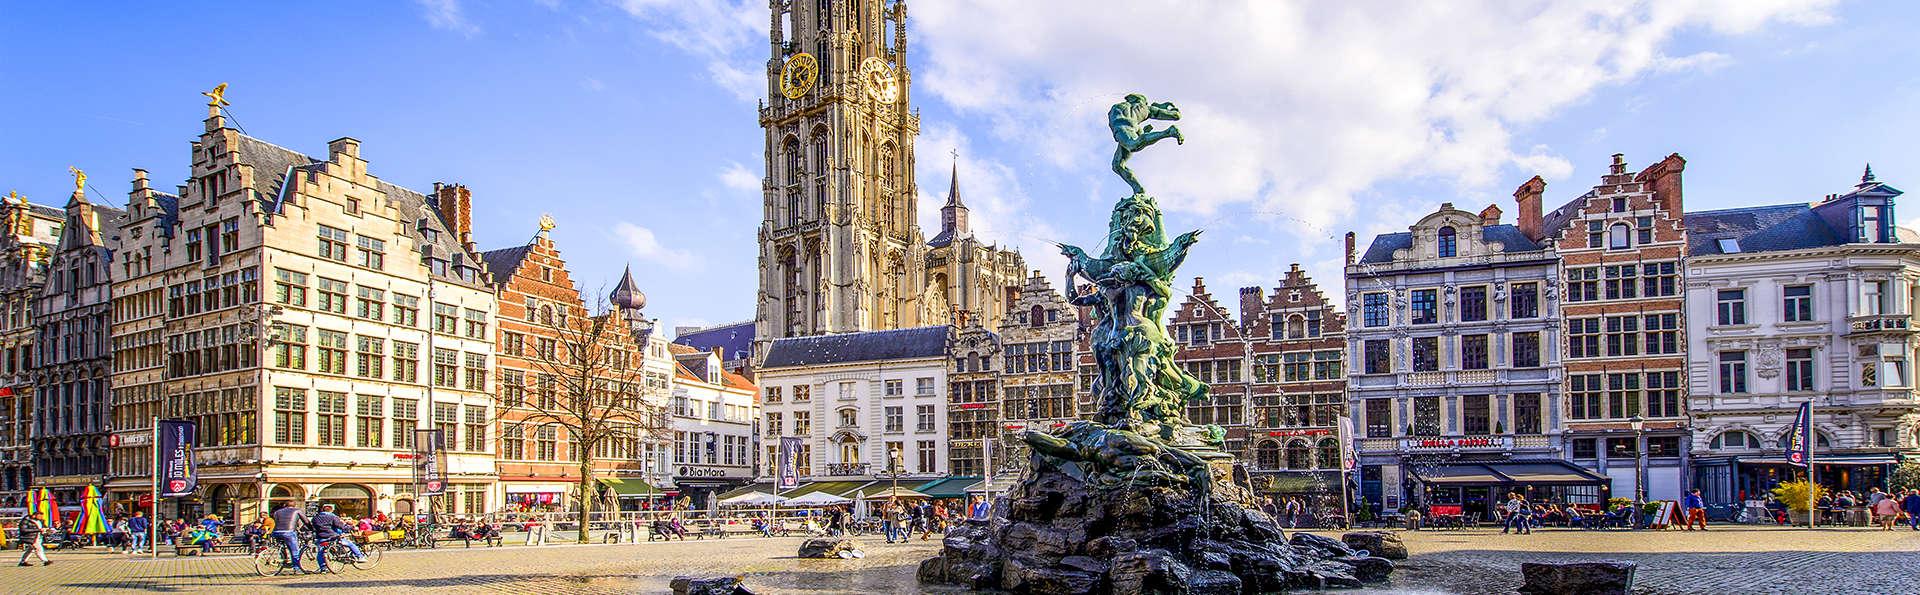 Séjournez dans un hôtel prestigieux au cœur d'Anvers (à partir de 2 nuits)